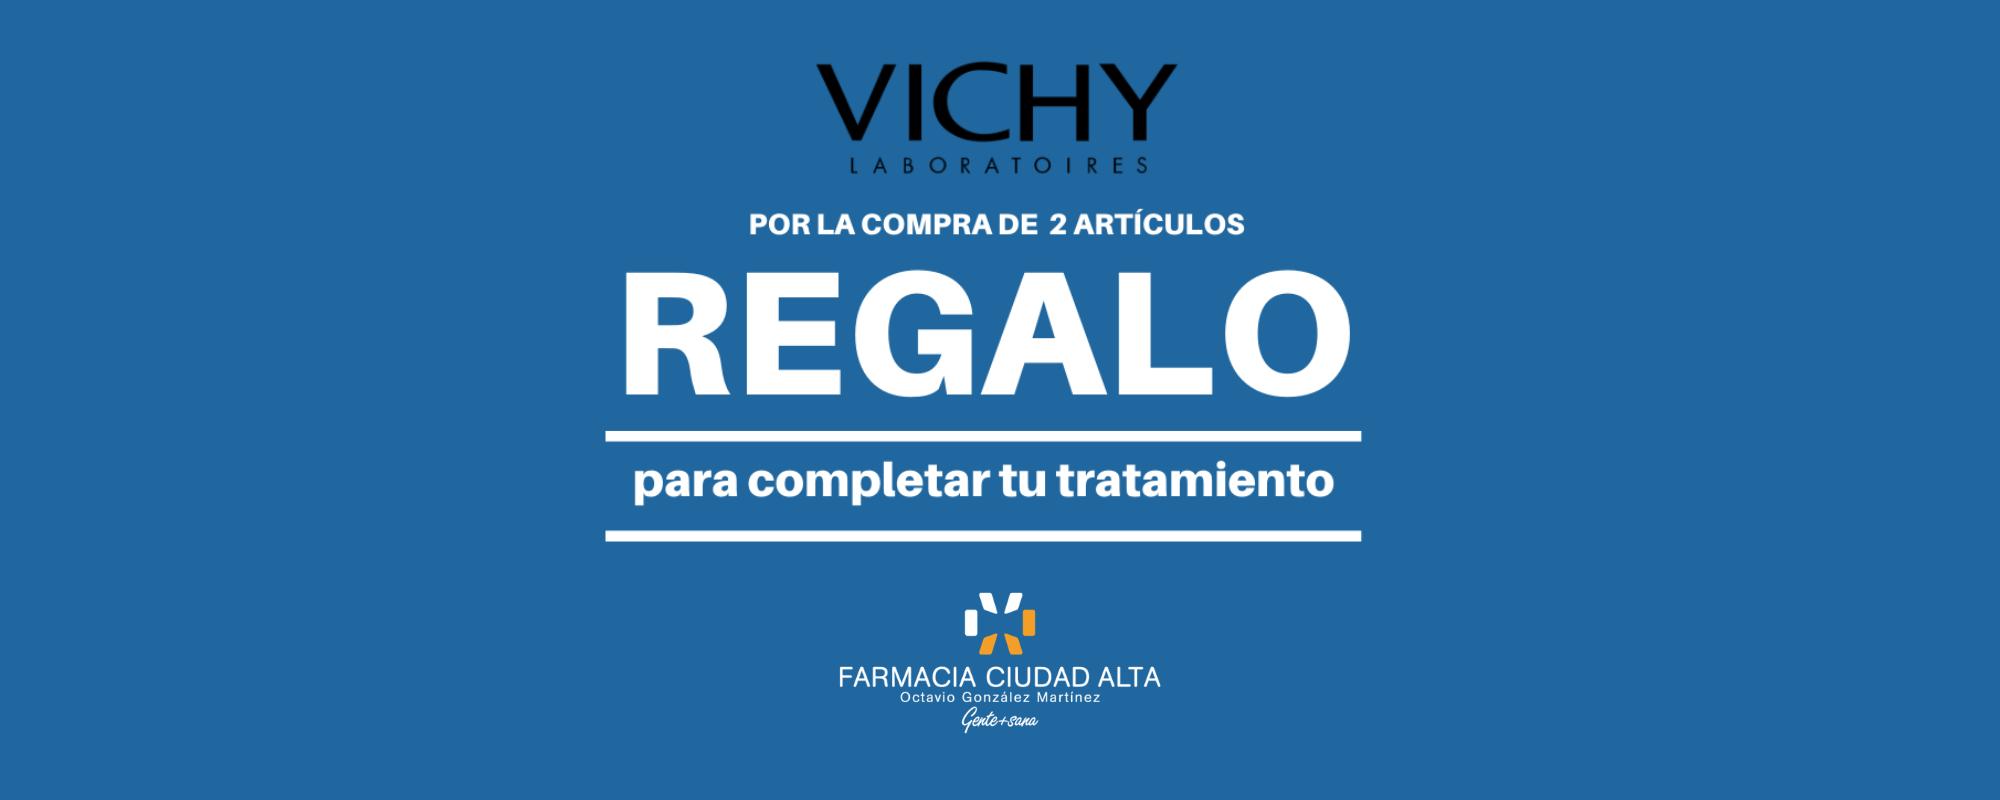 Promo Vichy Febrero en Farmacia Ciudad Alta